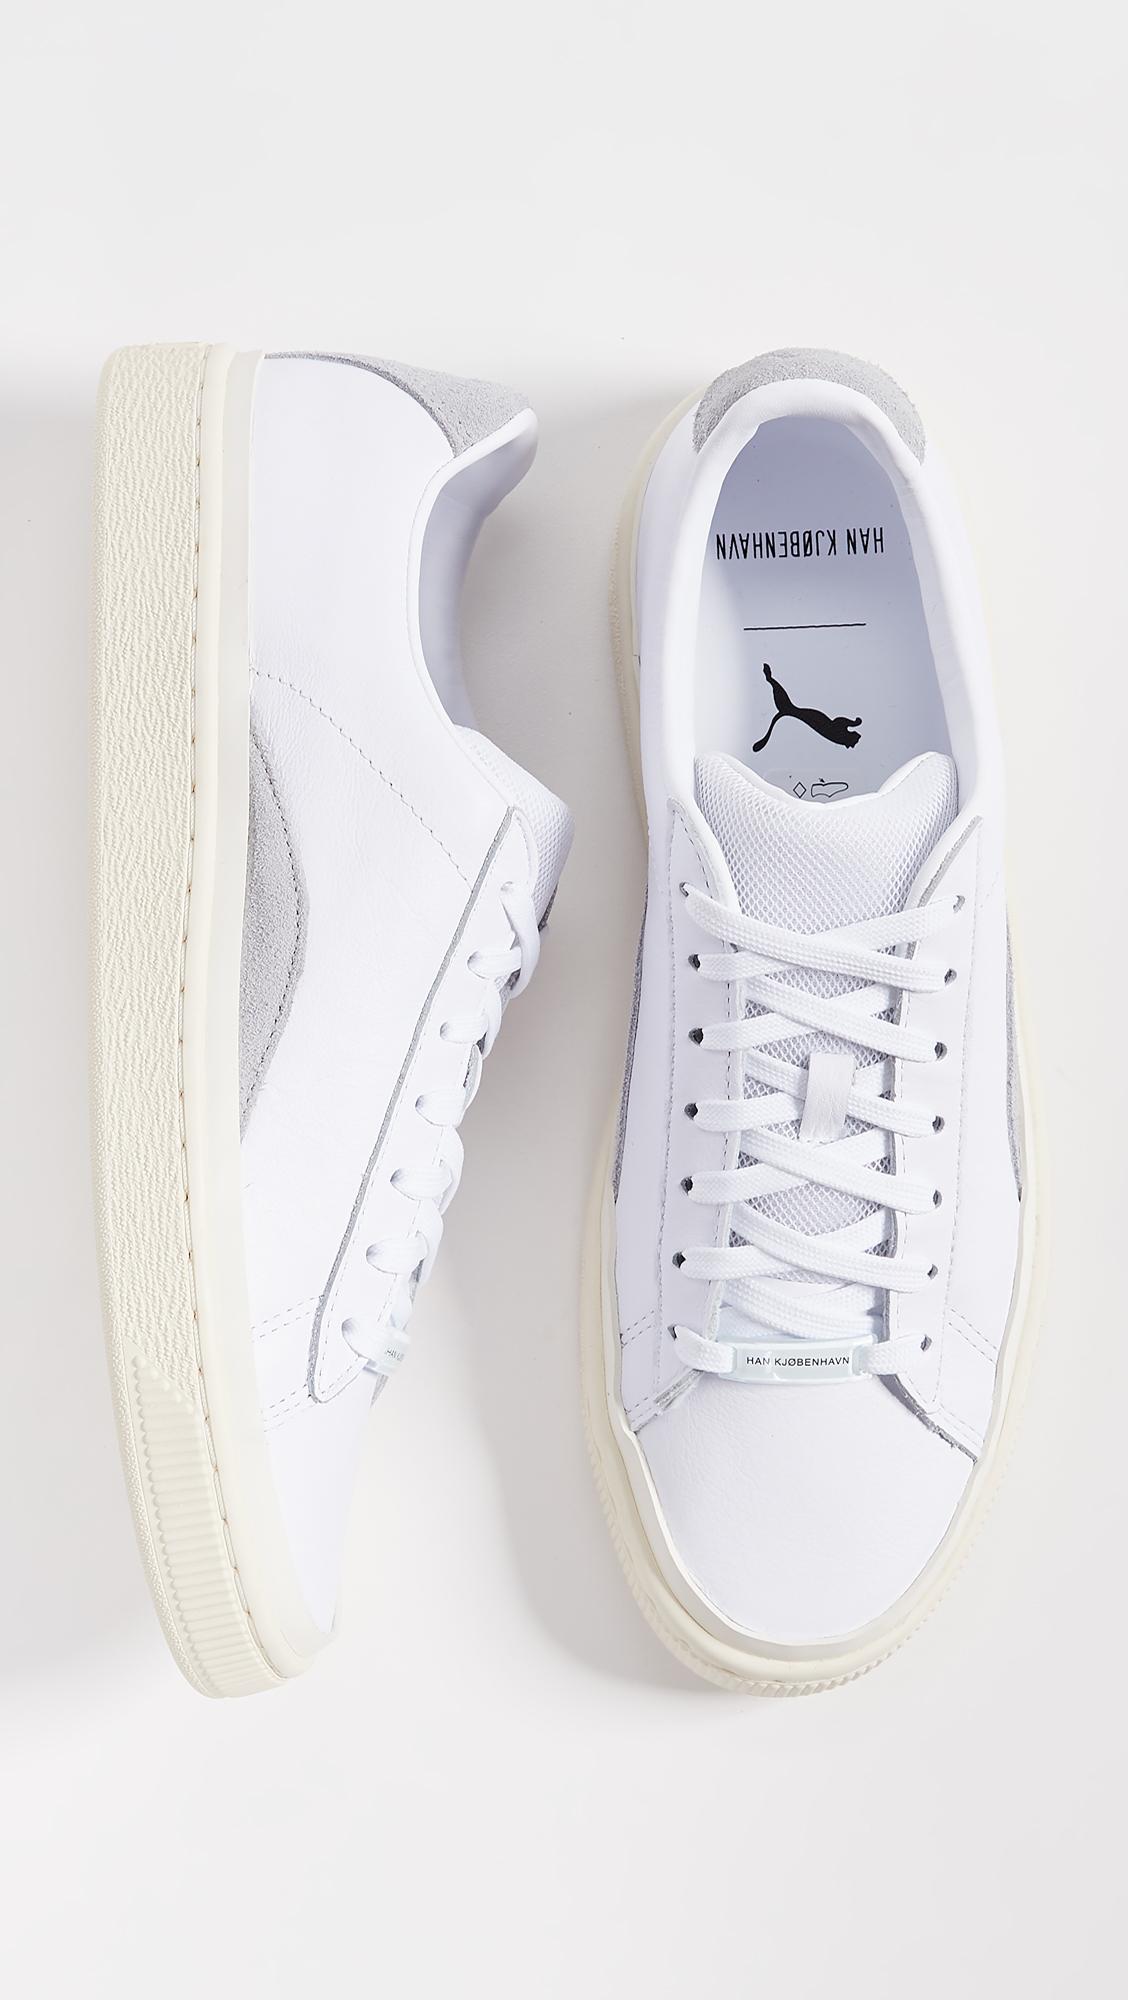 f9a526a50bb00f PUMA Select x Han Kjobenhavn Basket Sneakers